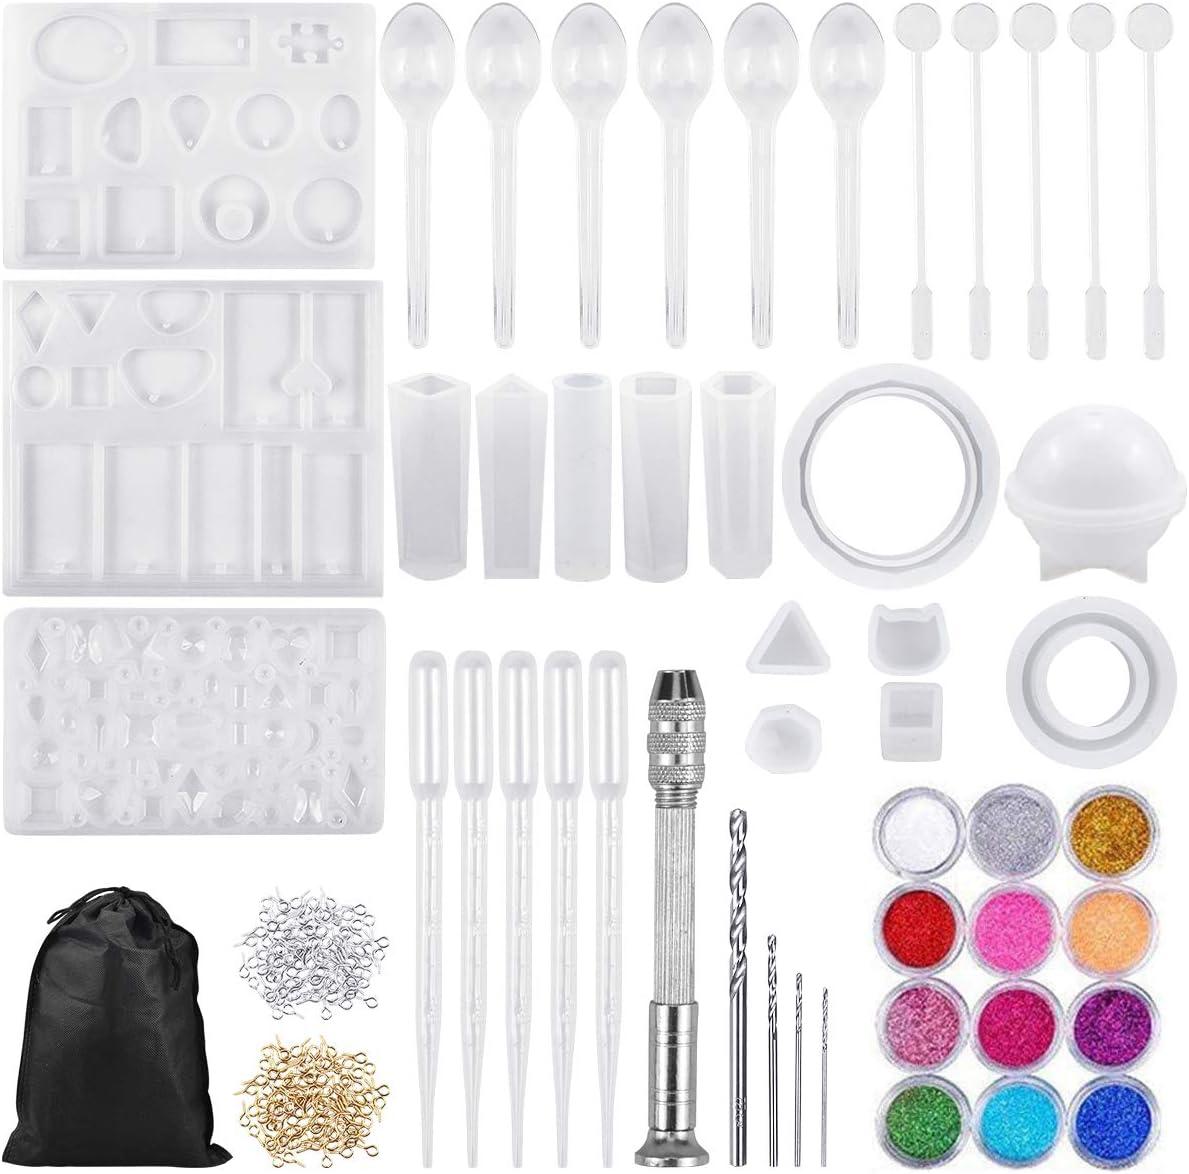 NATUCE 97 Pcs Molde Silicona Resina para Hacer Joyerias, Molde de Silicona de Diamante, Moldes de Resina para Collar Pendiente Fabricación de Colgante Bolas Cubos Pulsera Creativo Bricolaje